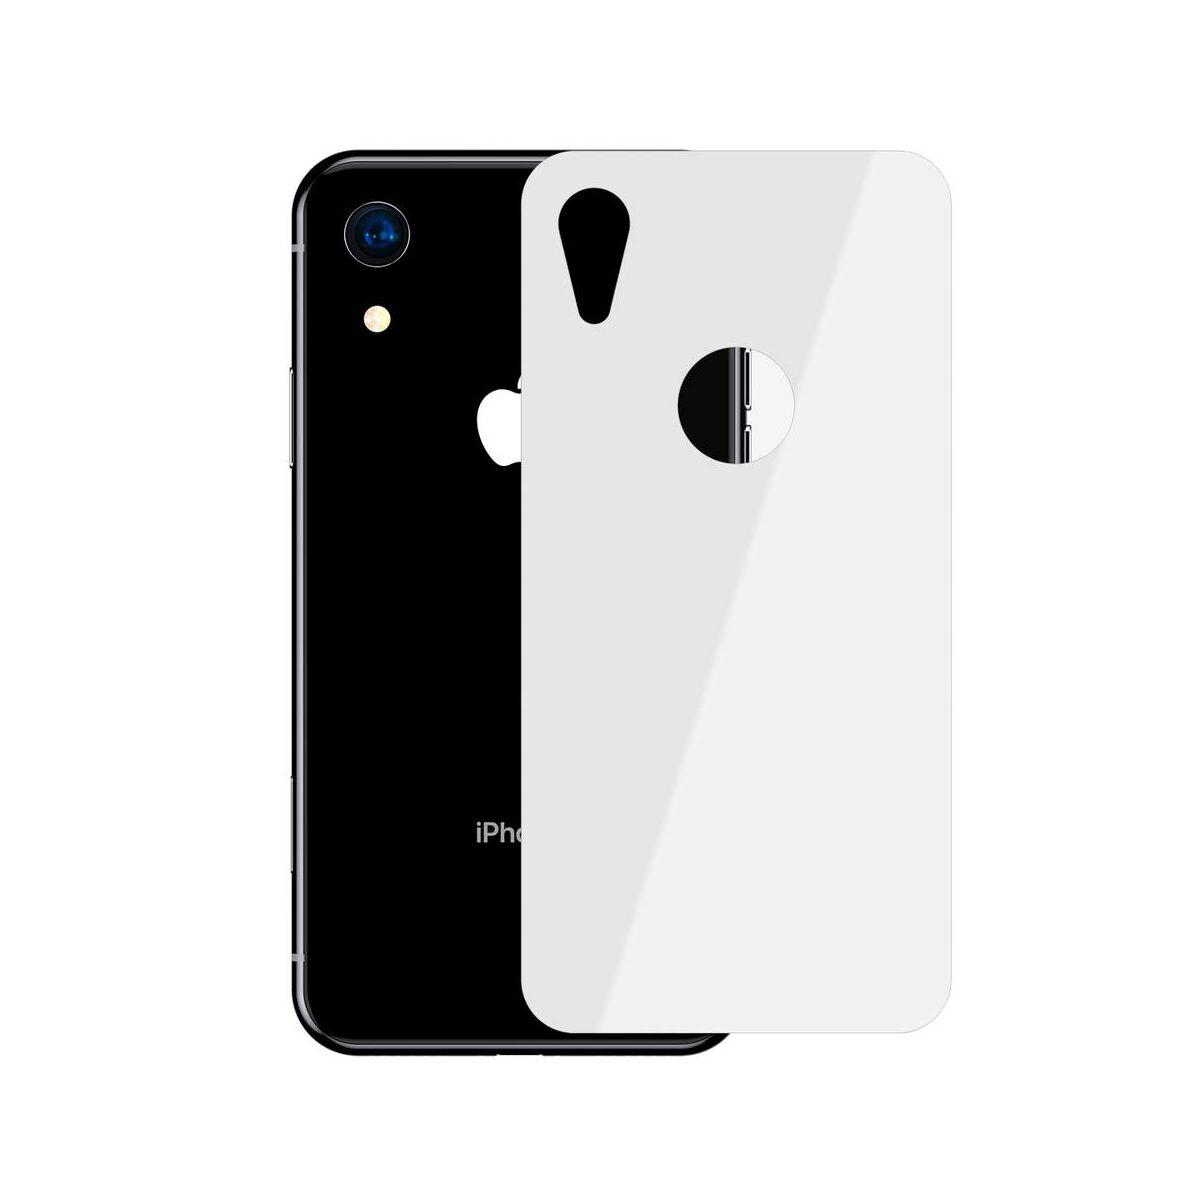 """Baseus iPhone XR/ 11 (6.1"""") 0.3 mm, teljes felületre edzett üveg hátlap védő fólia, fehér (SGAPIPH61-BM02)"""